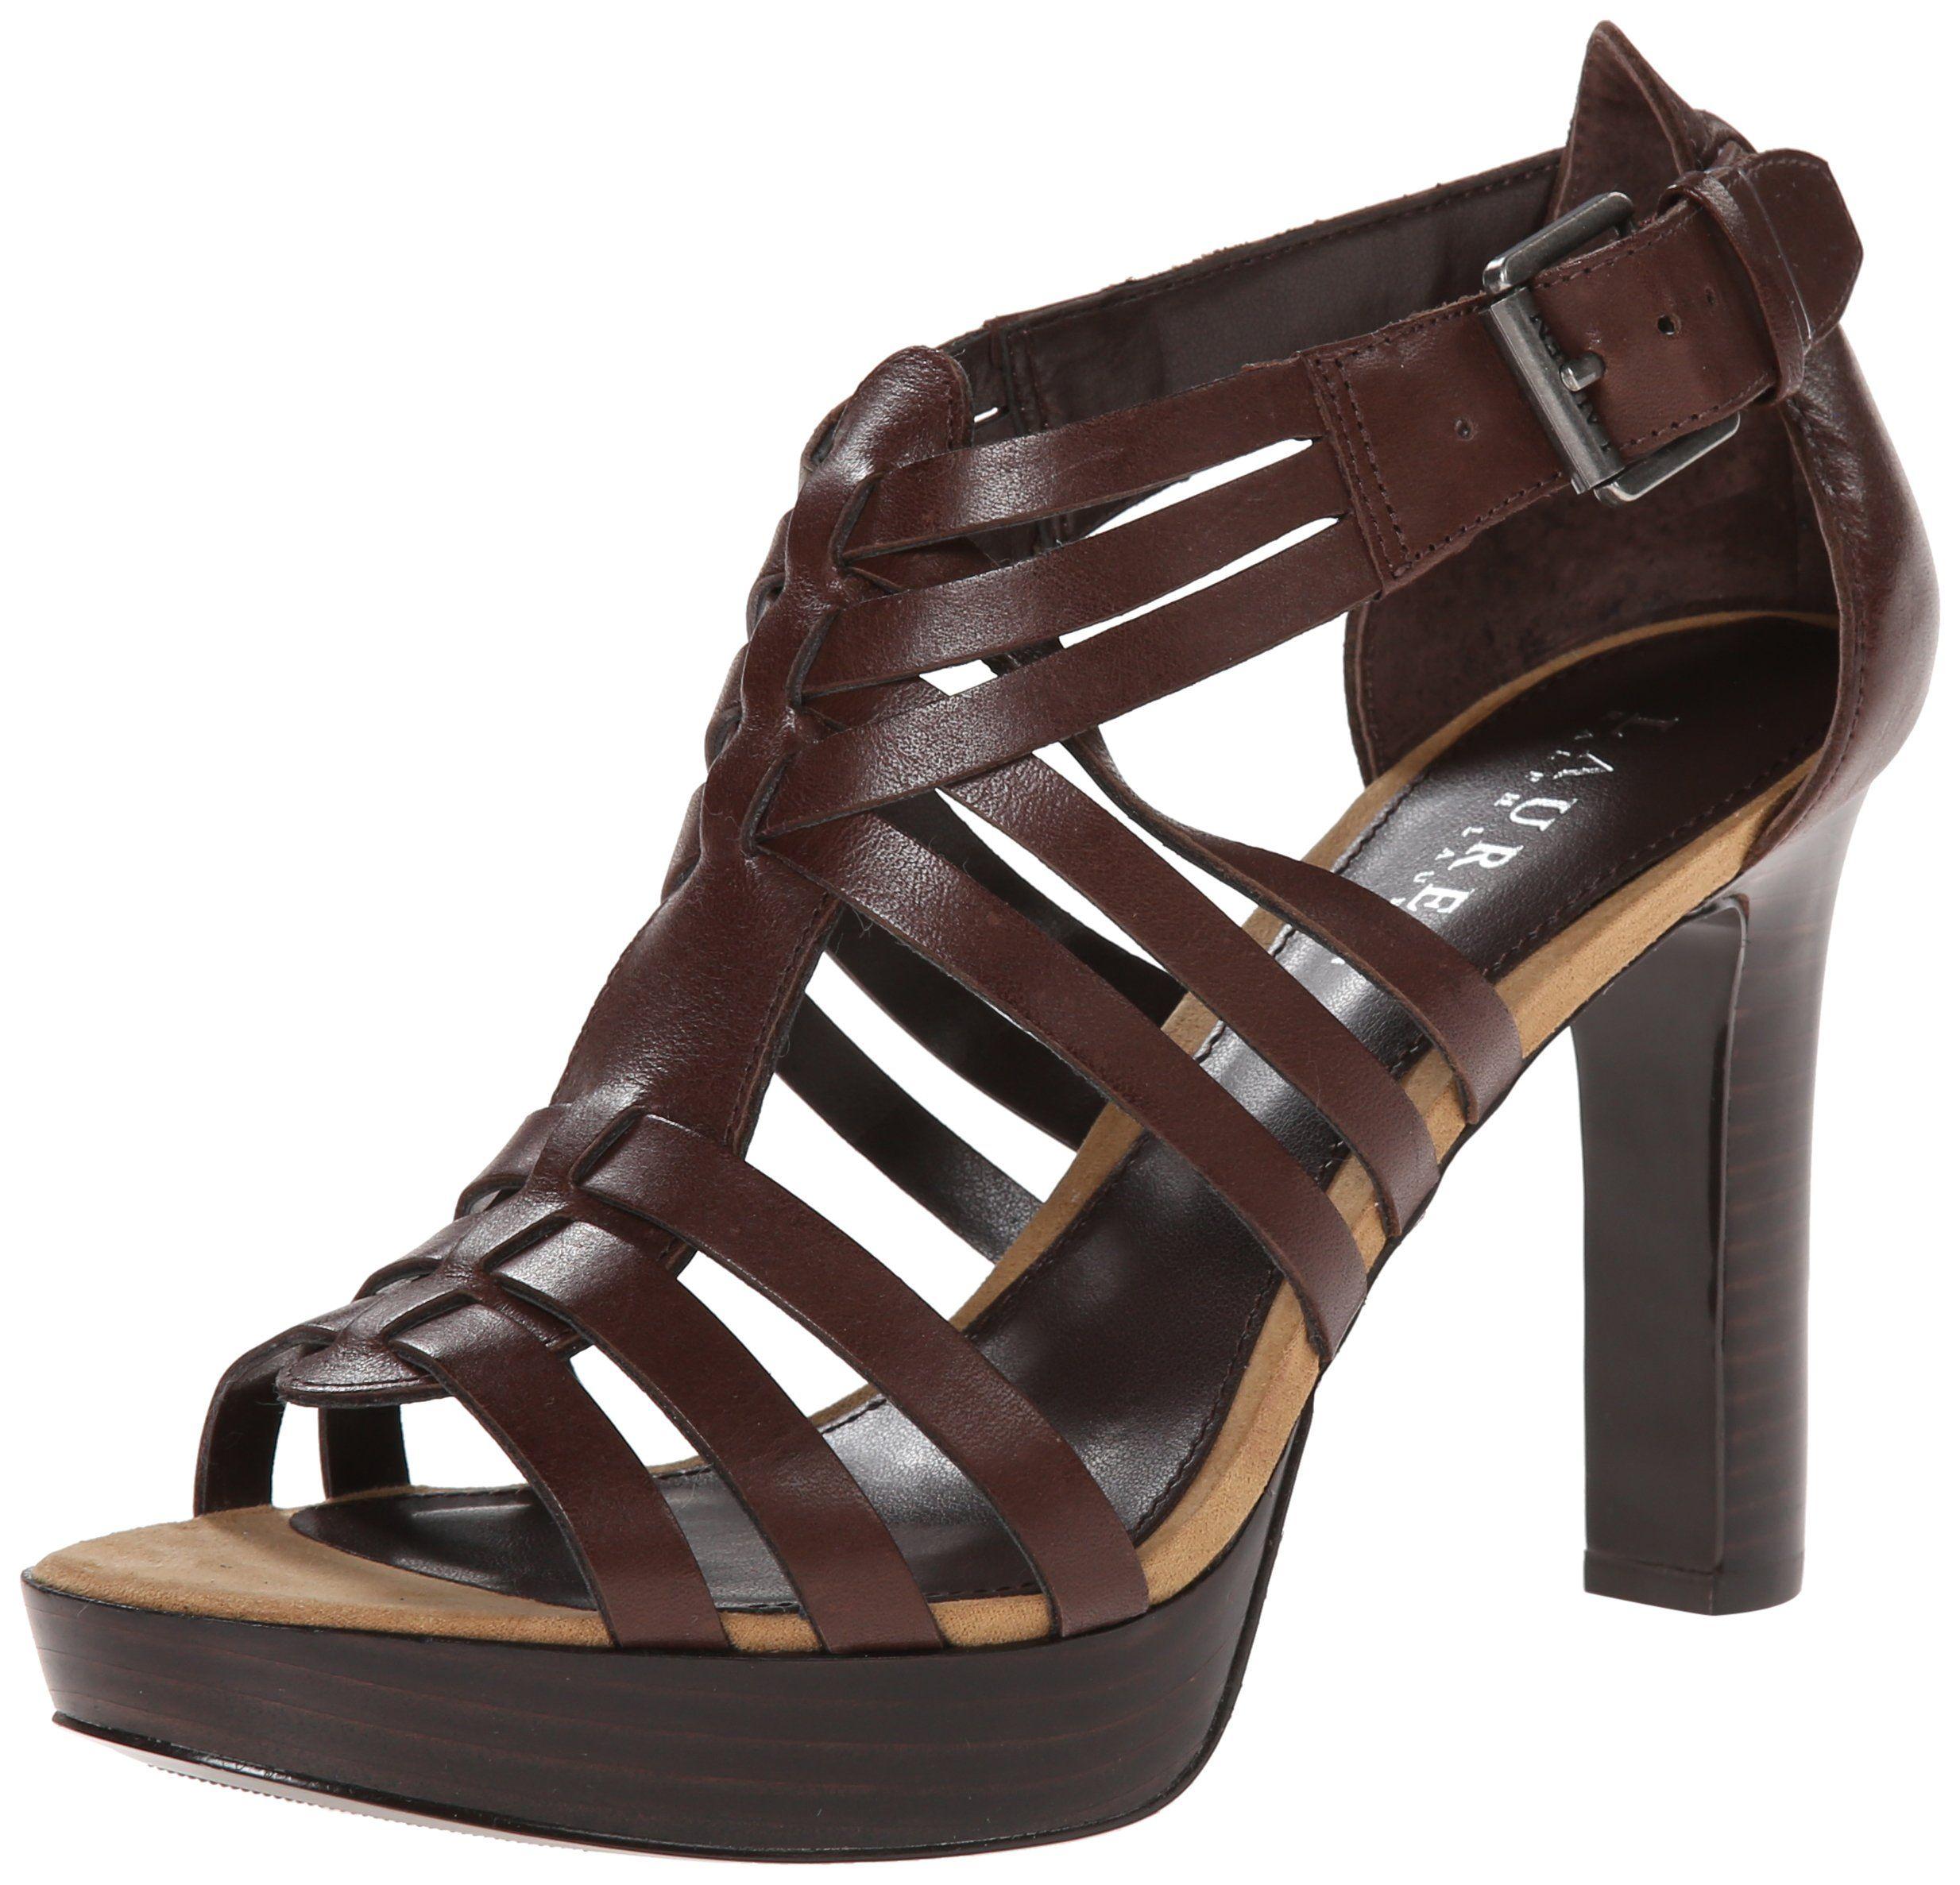 Lauren Ralph Lauren Womens Torie Dress Sandal, Polo Tan